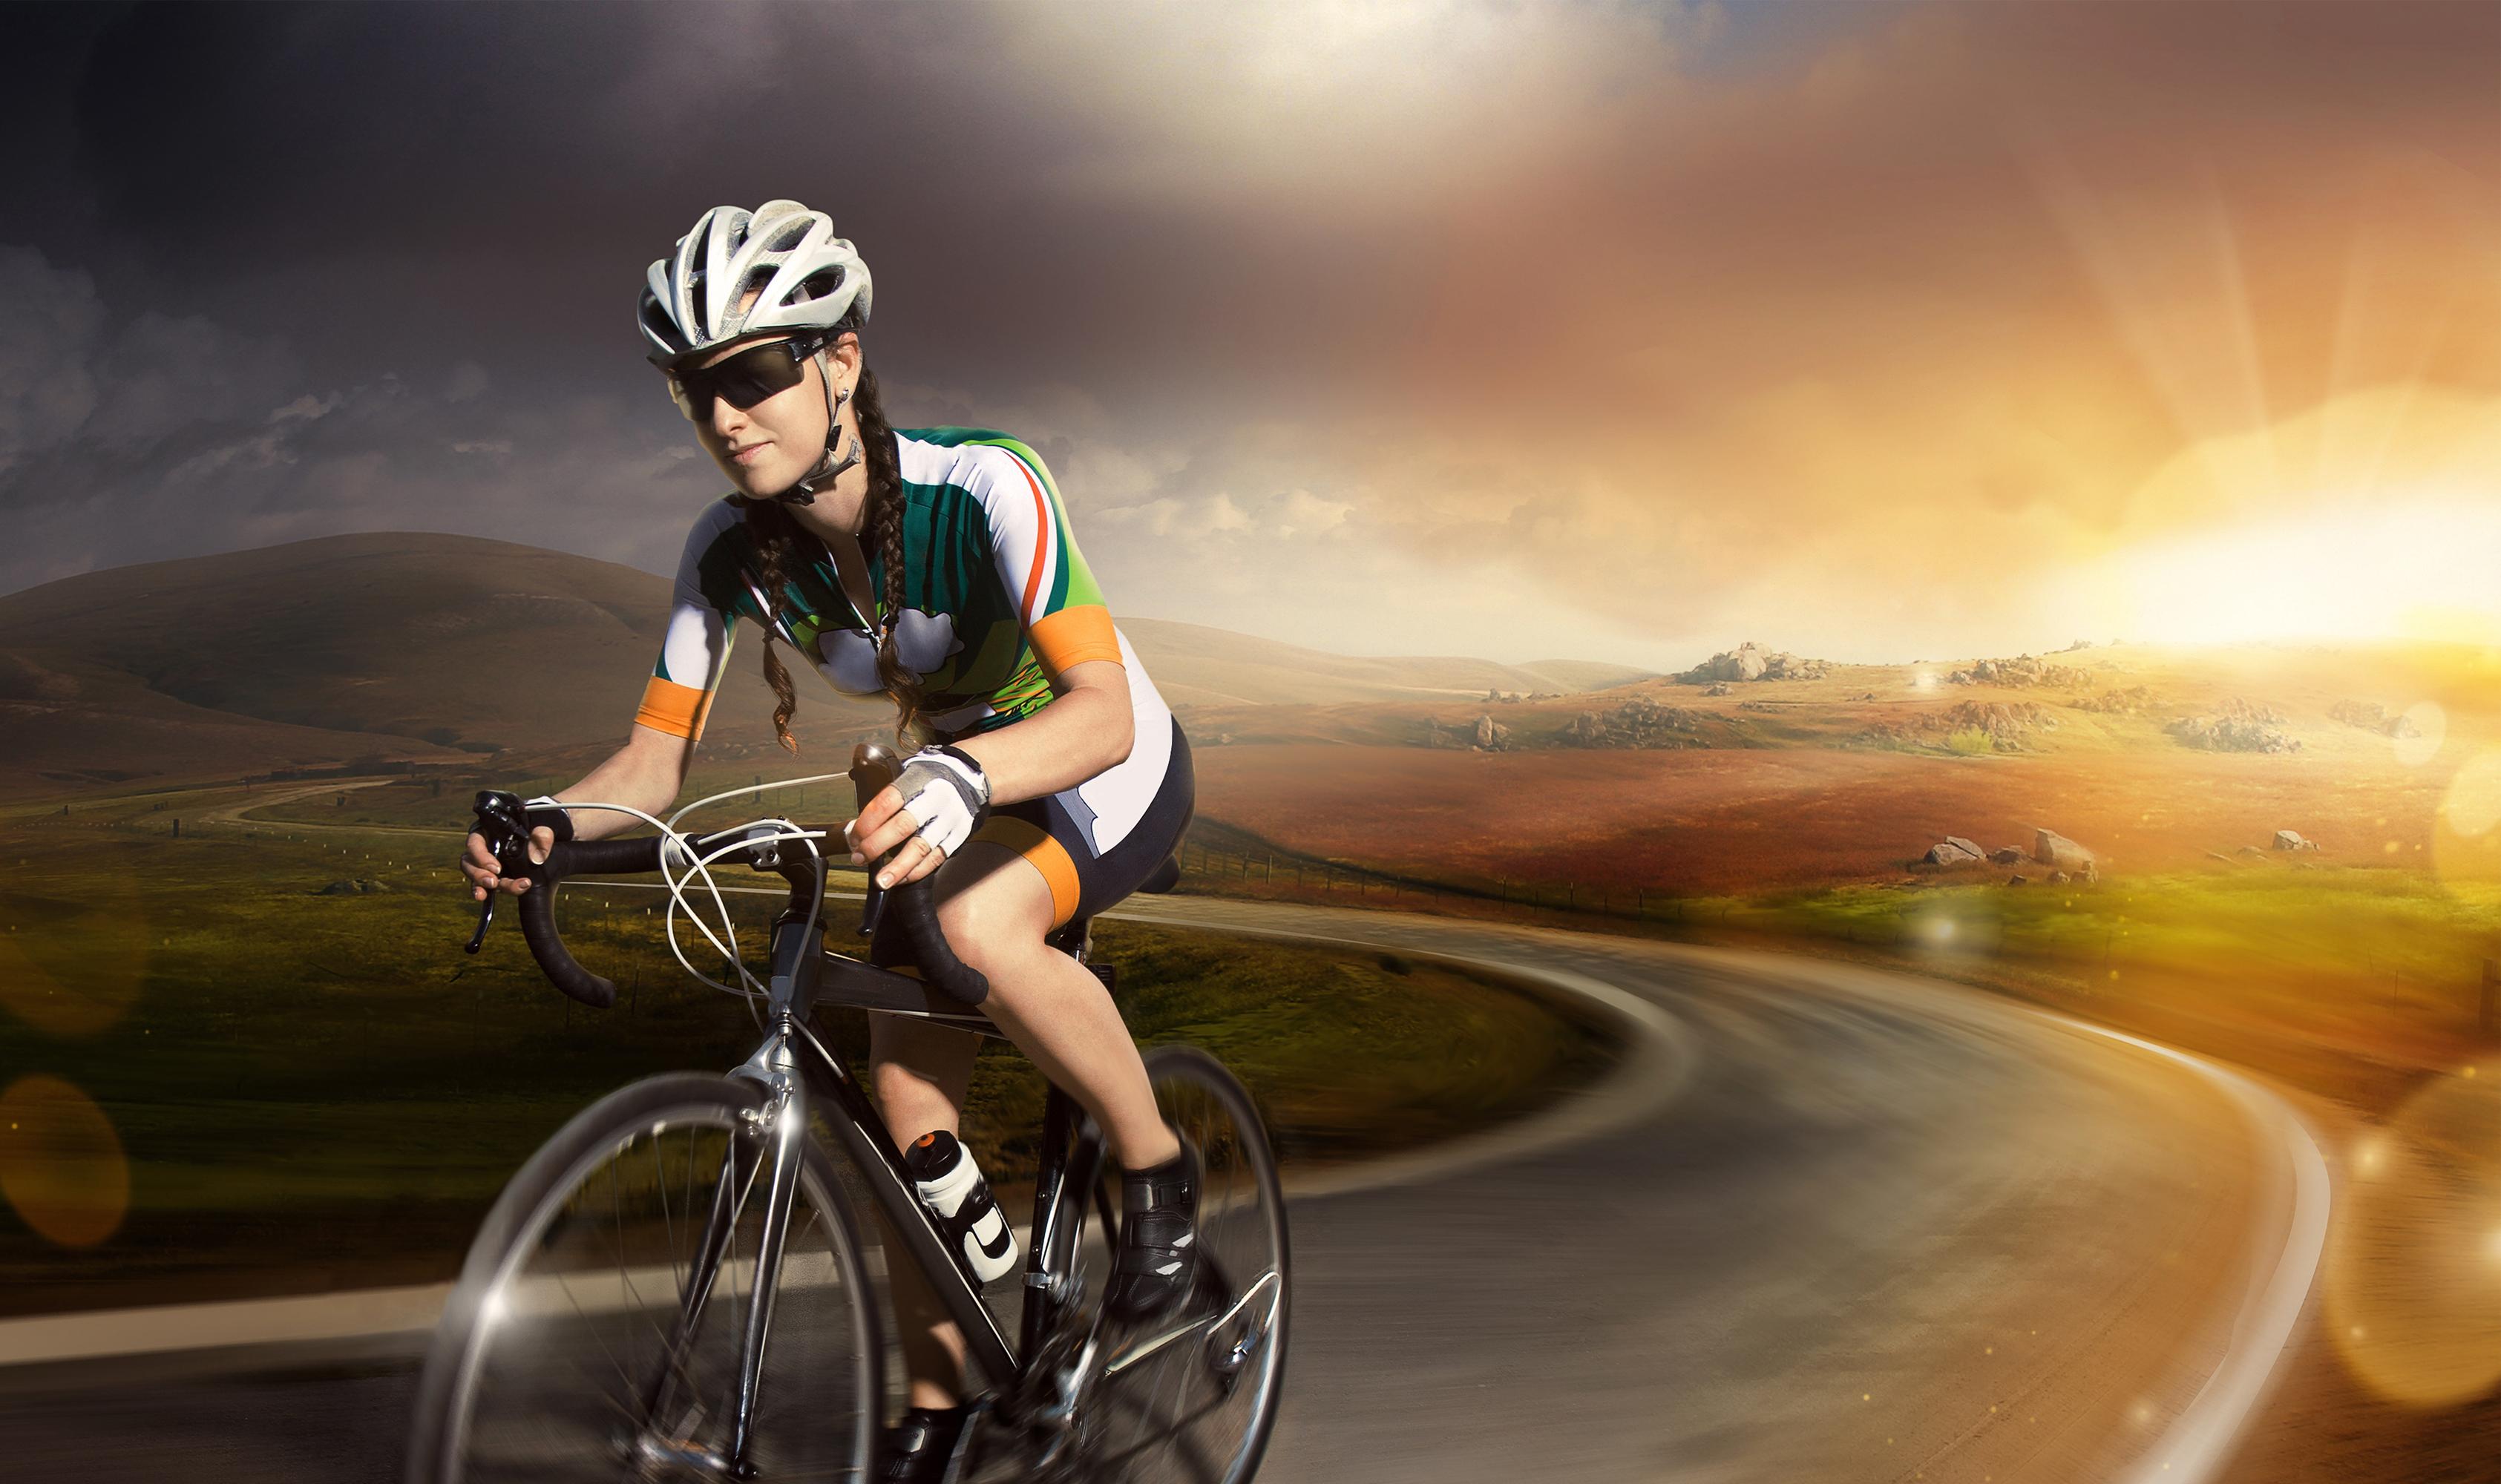 Картинка Шлем велосипеде спортивная молодые женщины Дороги Очки 3370x2000 шлема в шлеме Велосипед велосипеды Спорт девушка Девушки спортивные спортивный молодая женщина очков очках